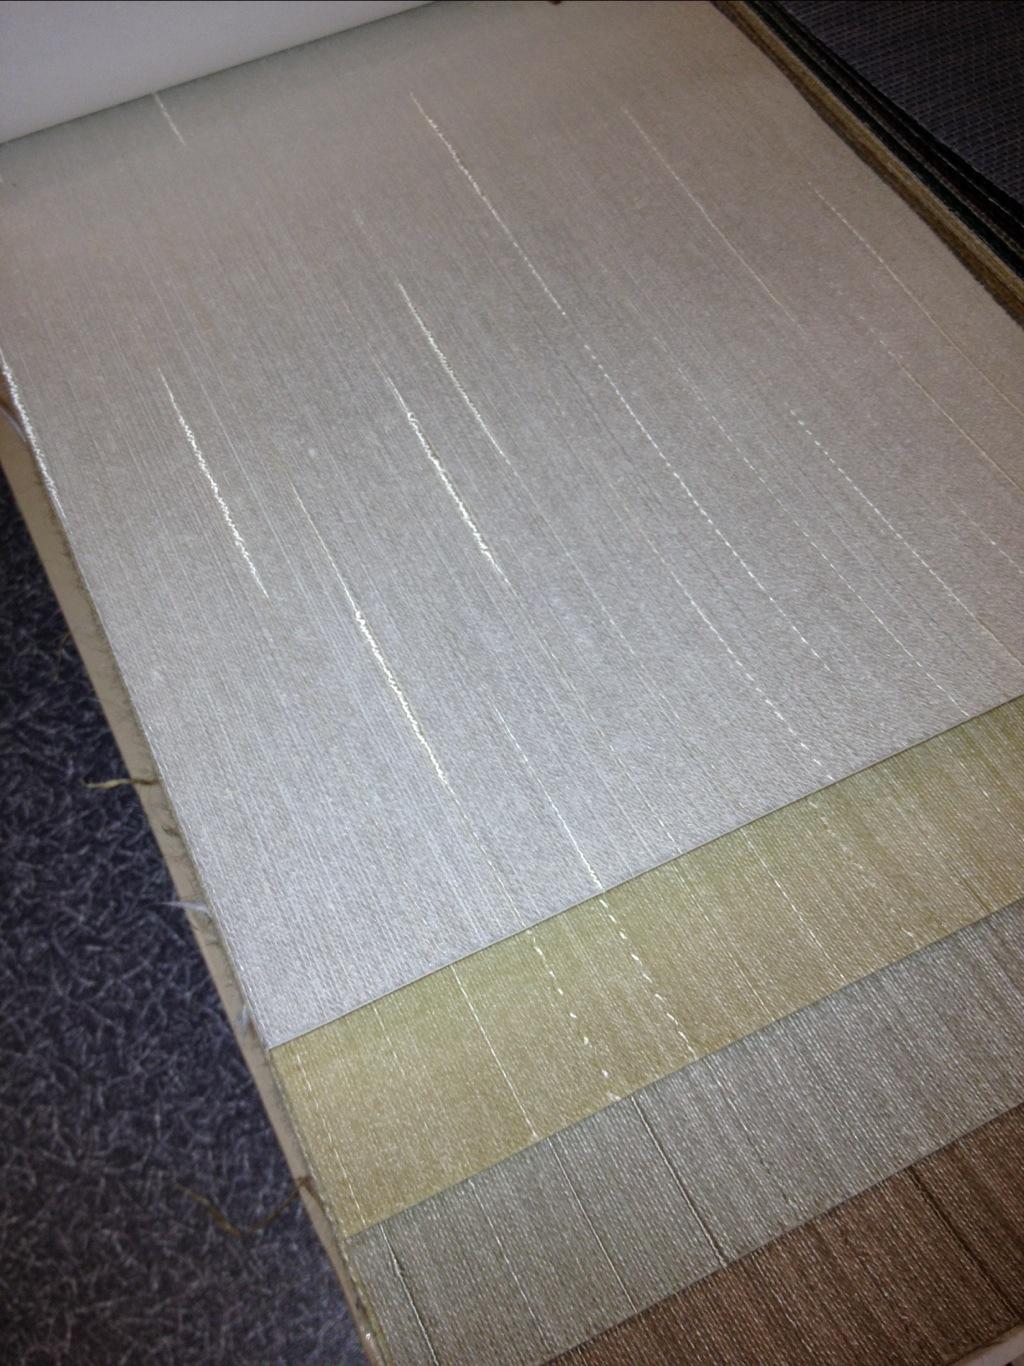 peelable vinyl prepasted paintable wallpaper